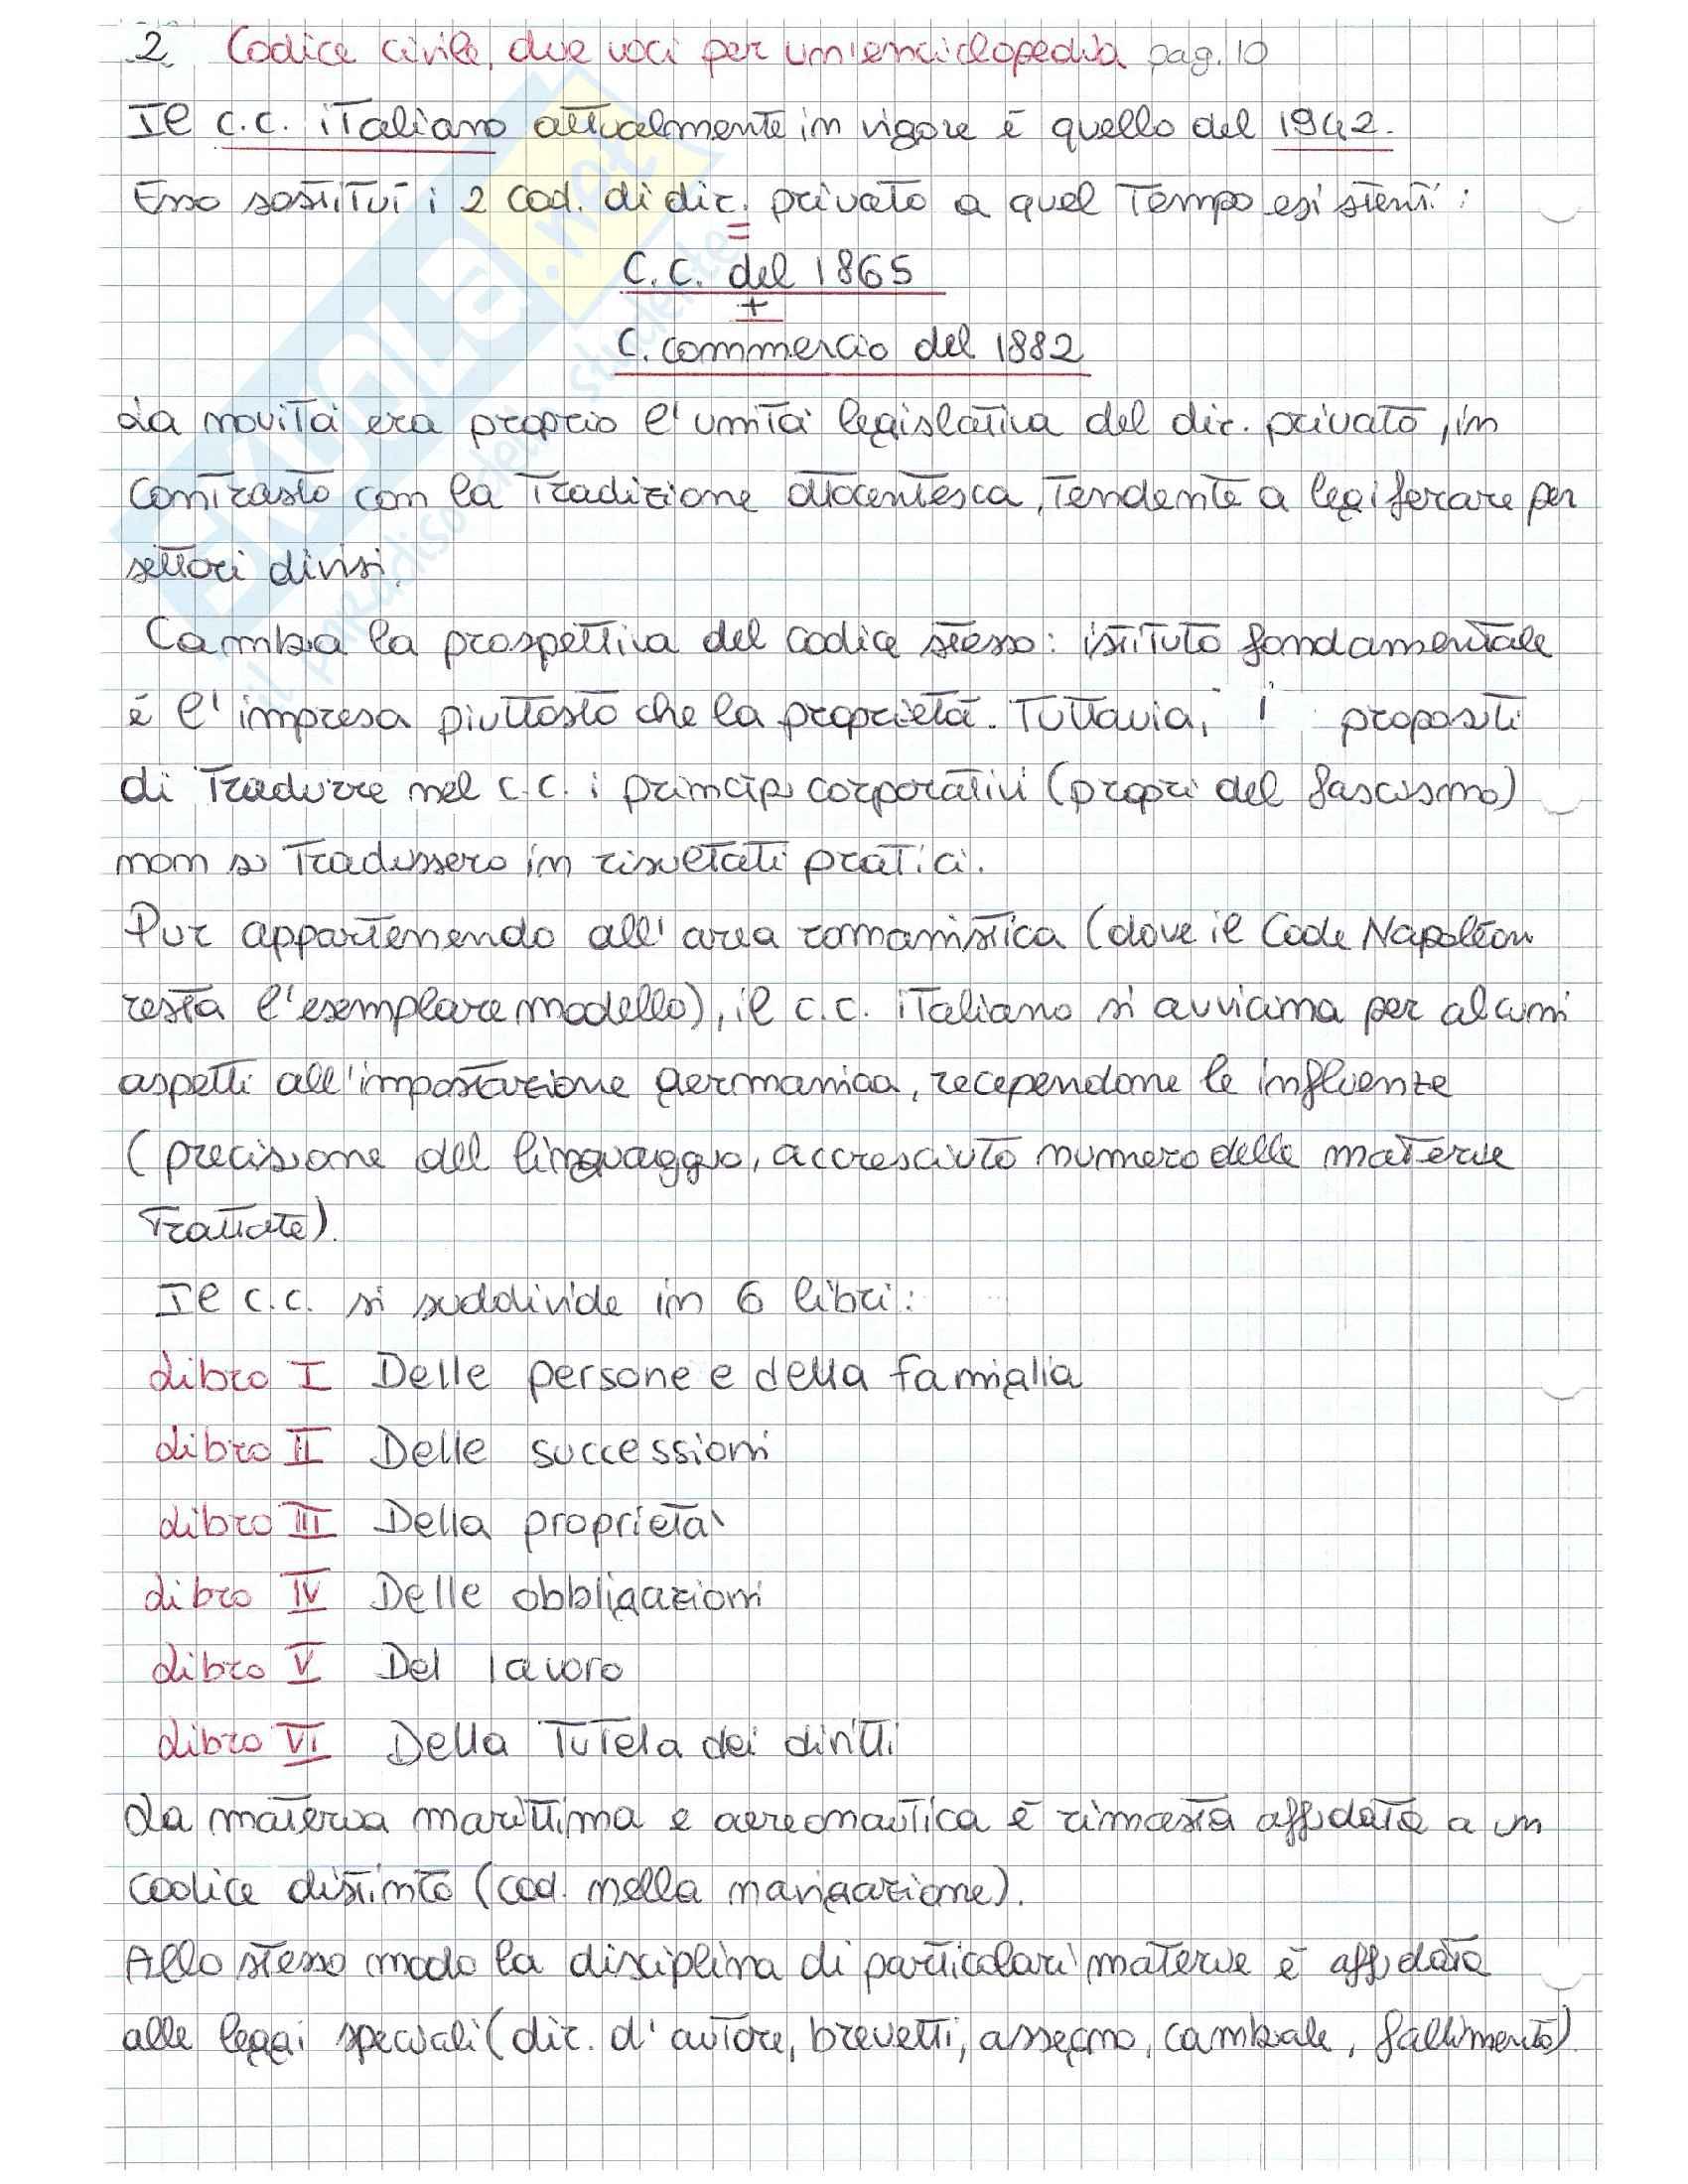 Riassunto esame Sistemi Giuridici Comparati, Prof. Autorino UNISA, testo consigliato autore Rescigno - Storia e geografia di un'idea Pag. 2